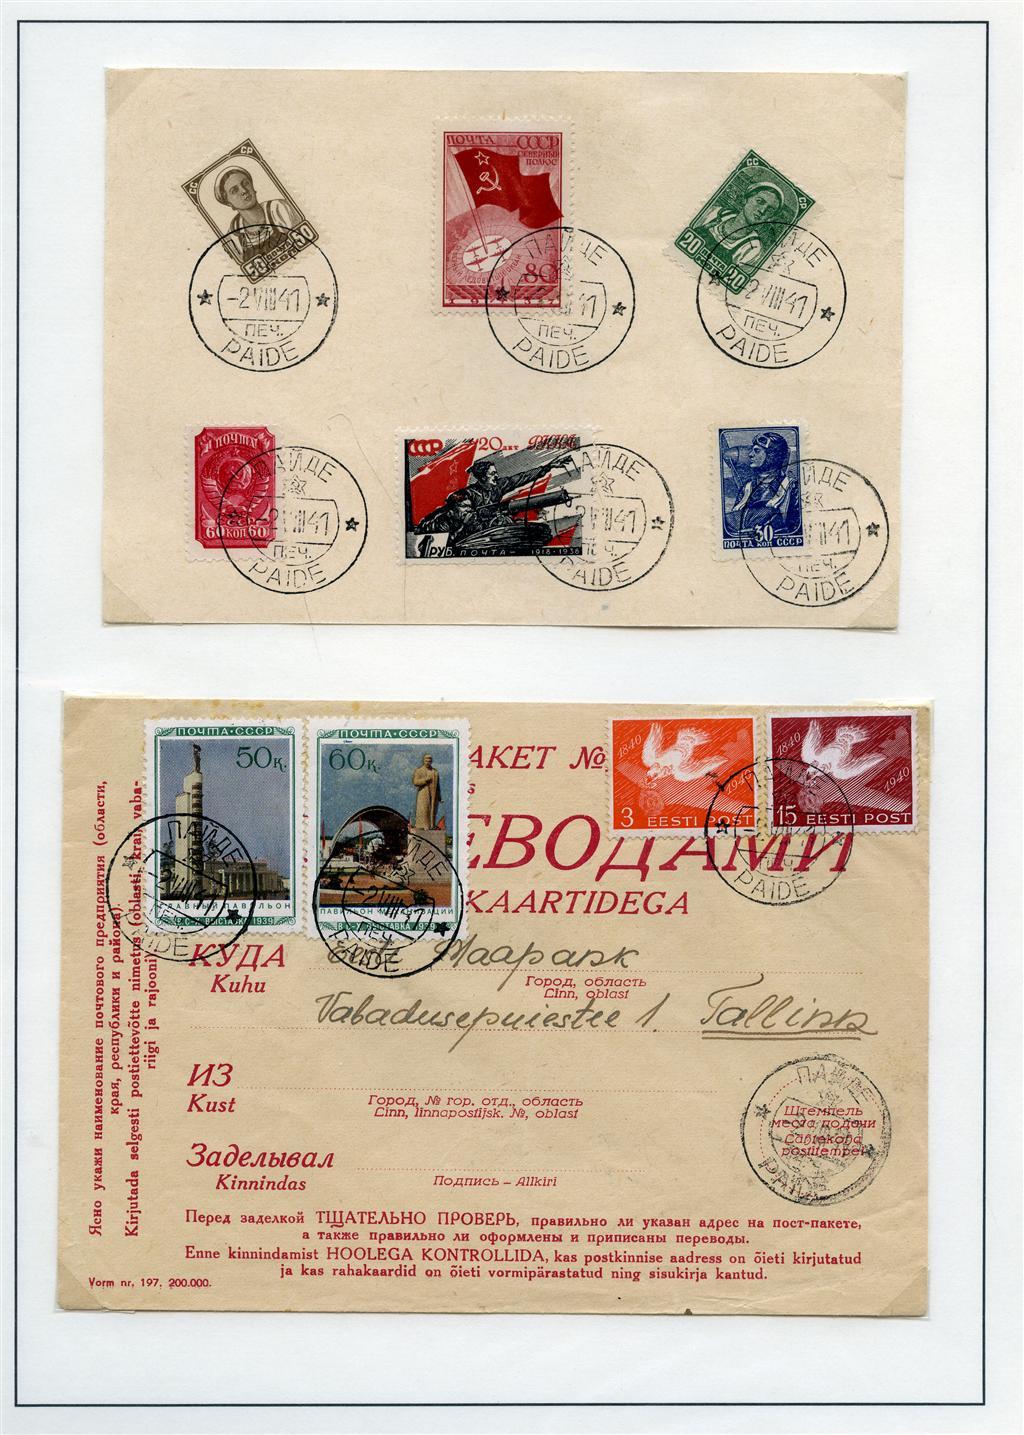 0765d-Paide-ajakirjanduslevi-templi-vääkasutus-1941-postiajalugu-ee